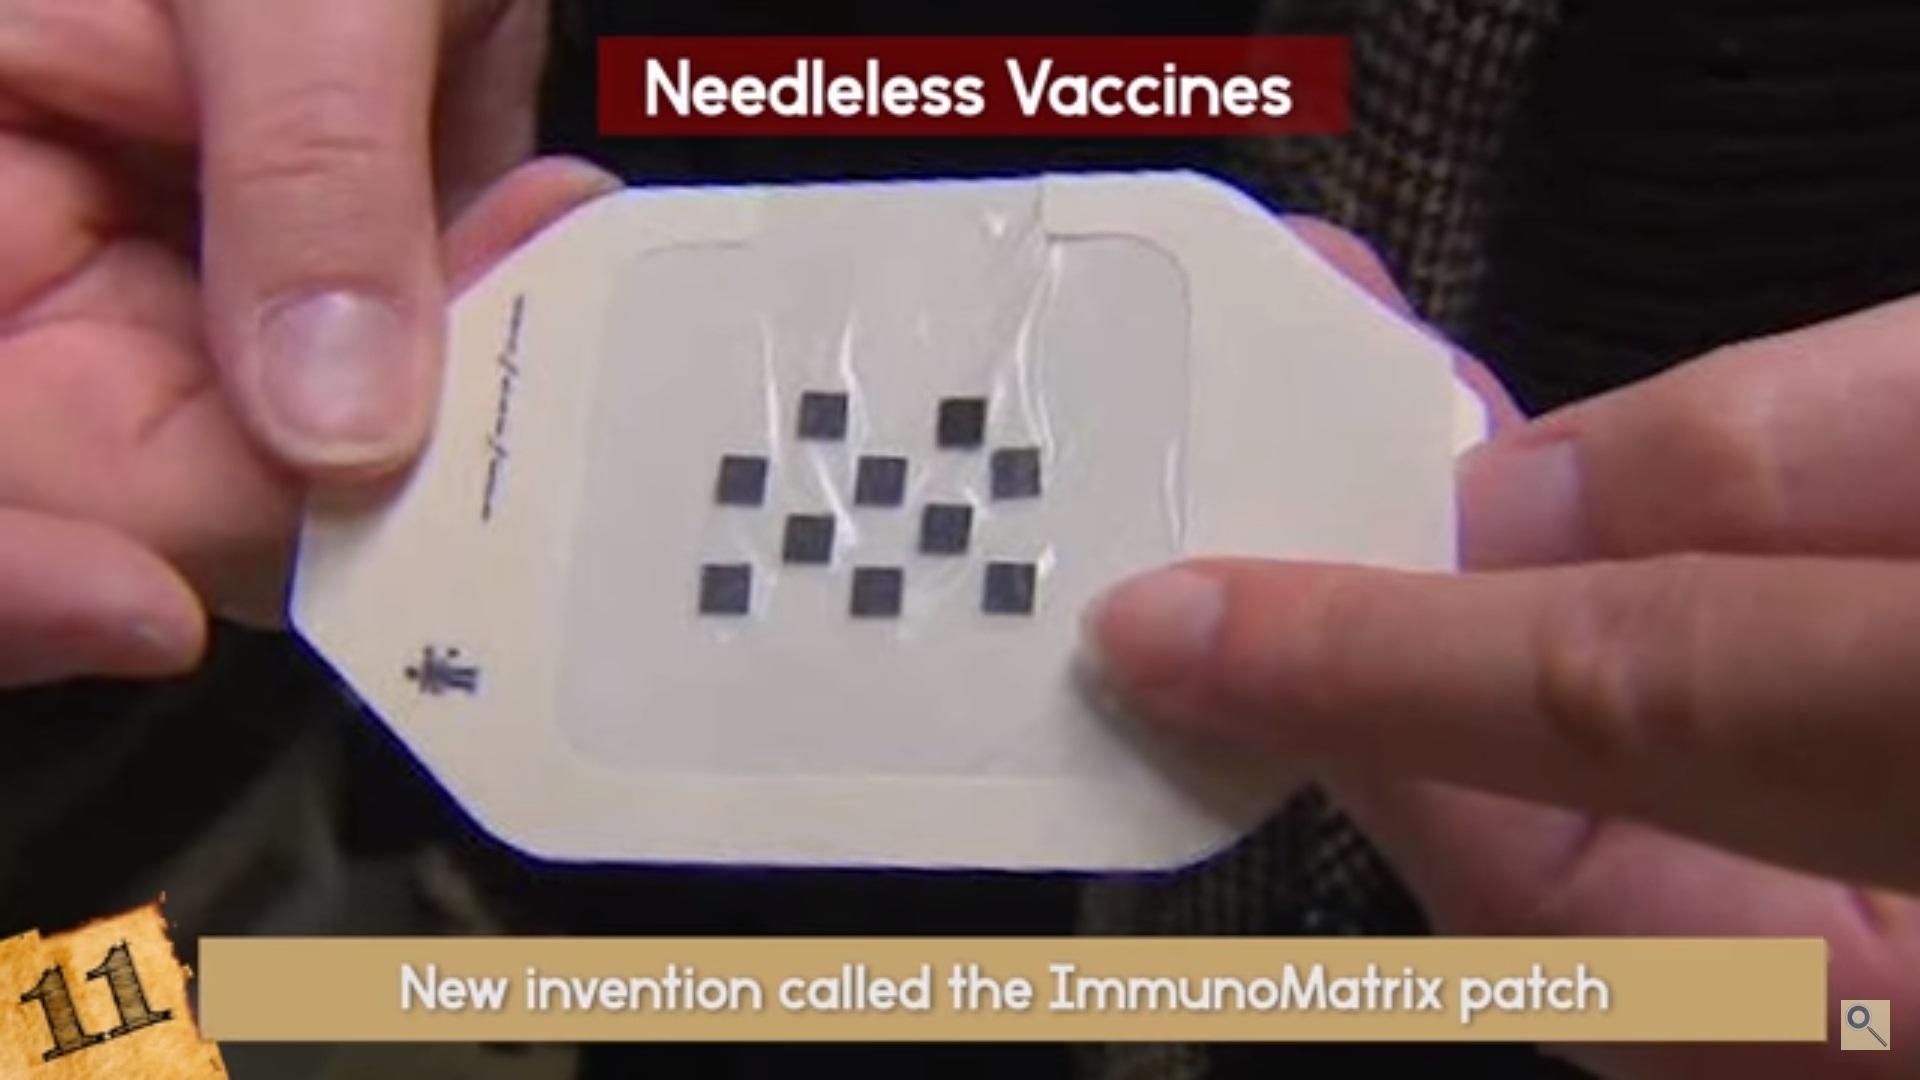 Needle-free vaccines